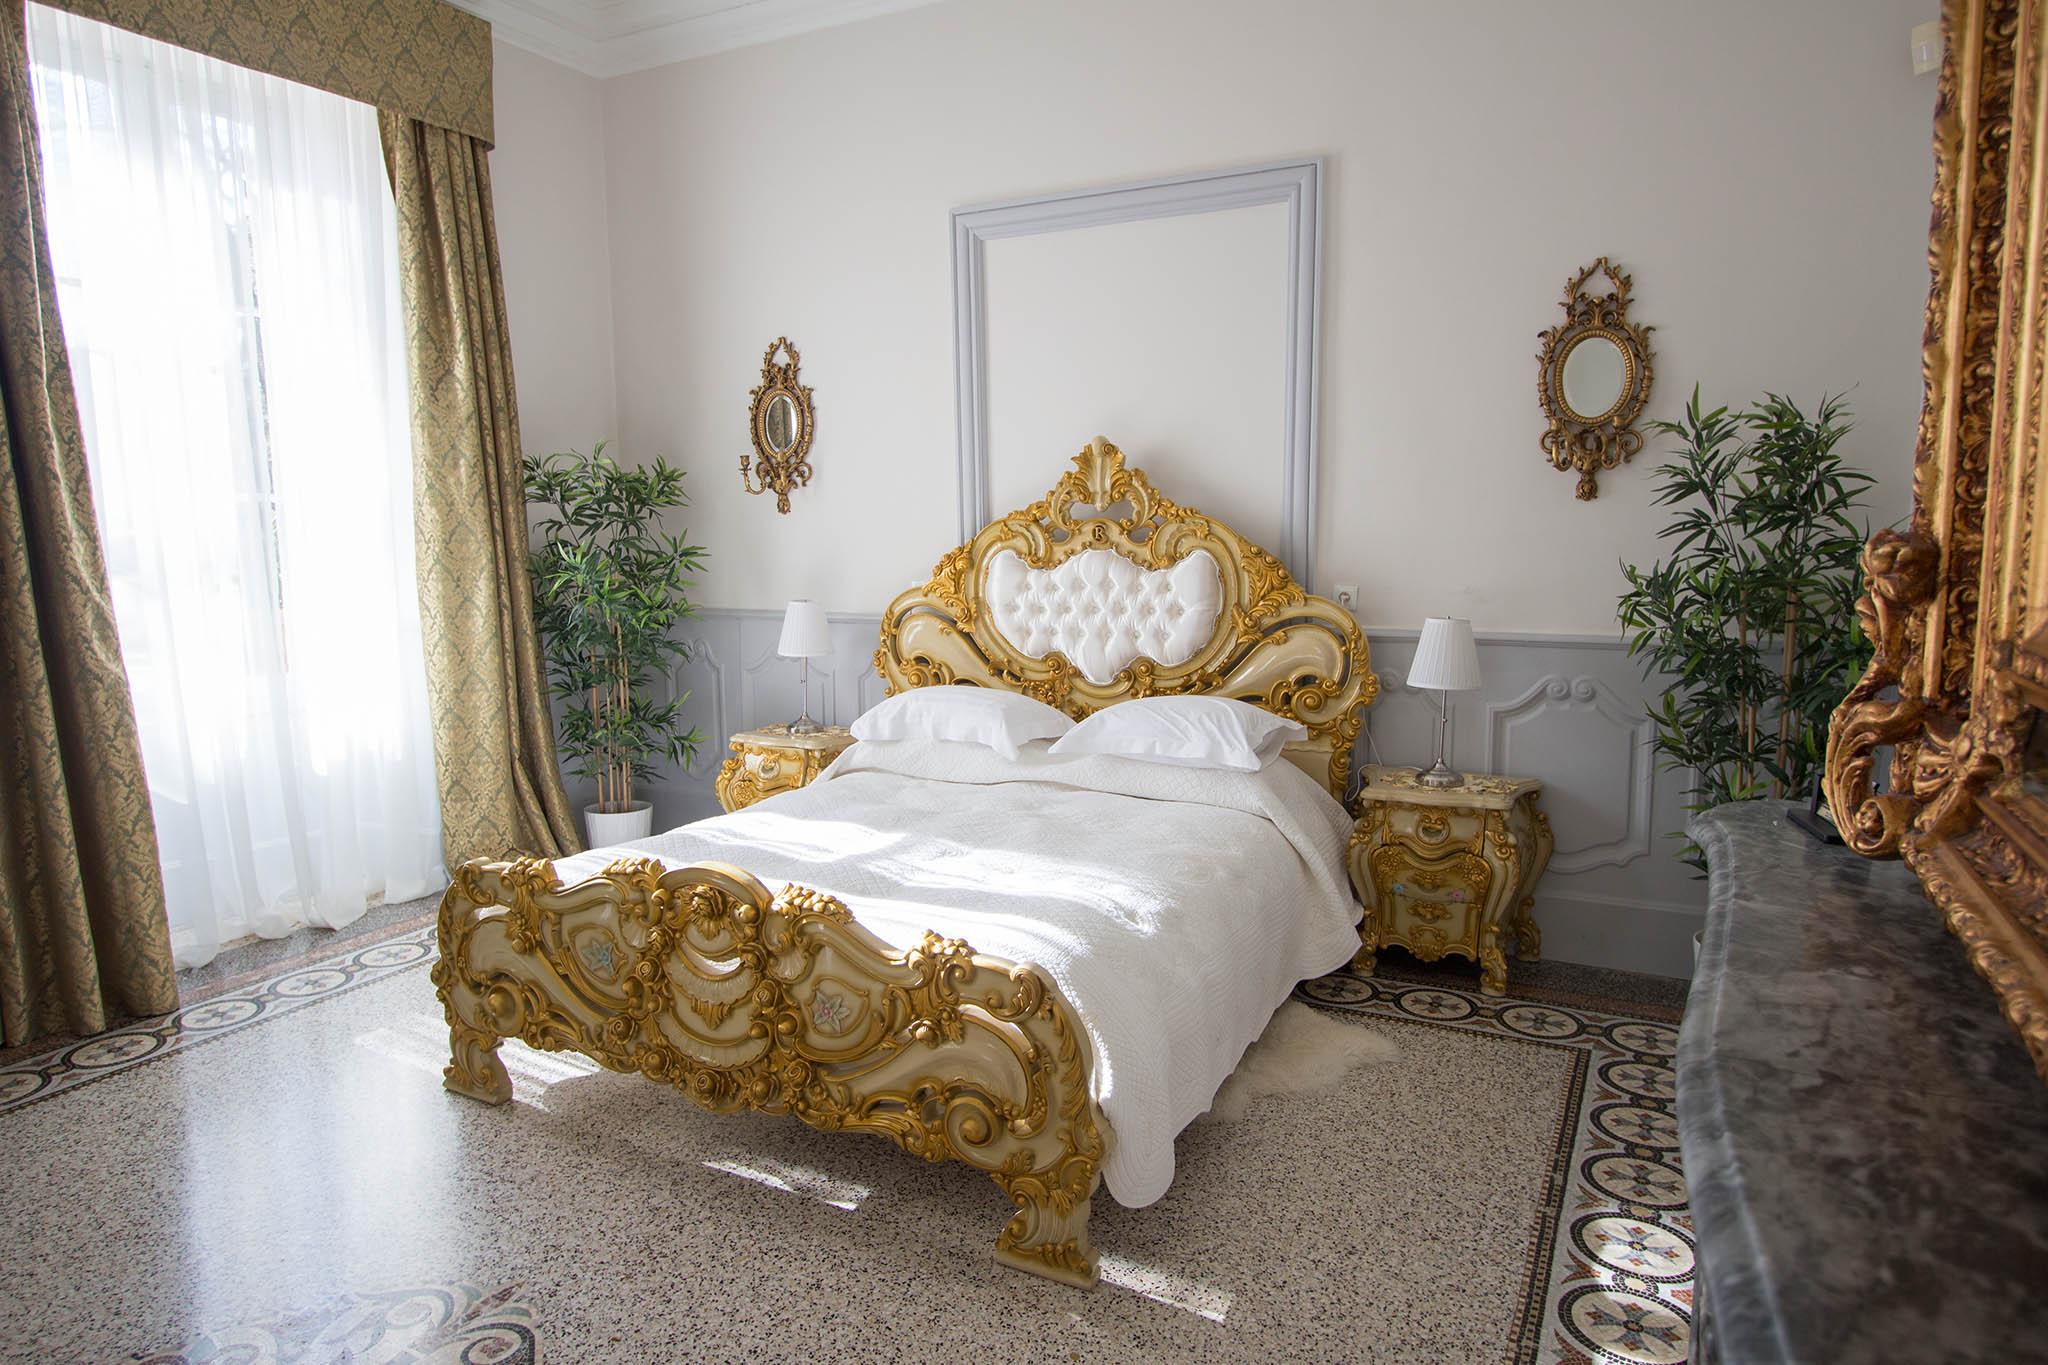 Suite cinsault chambre d 39 h te ch teau rieutort - Chambre d hote ruoms ...